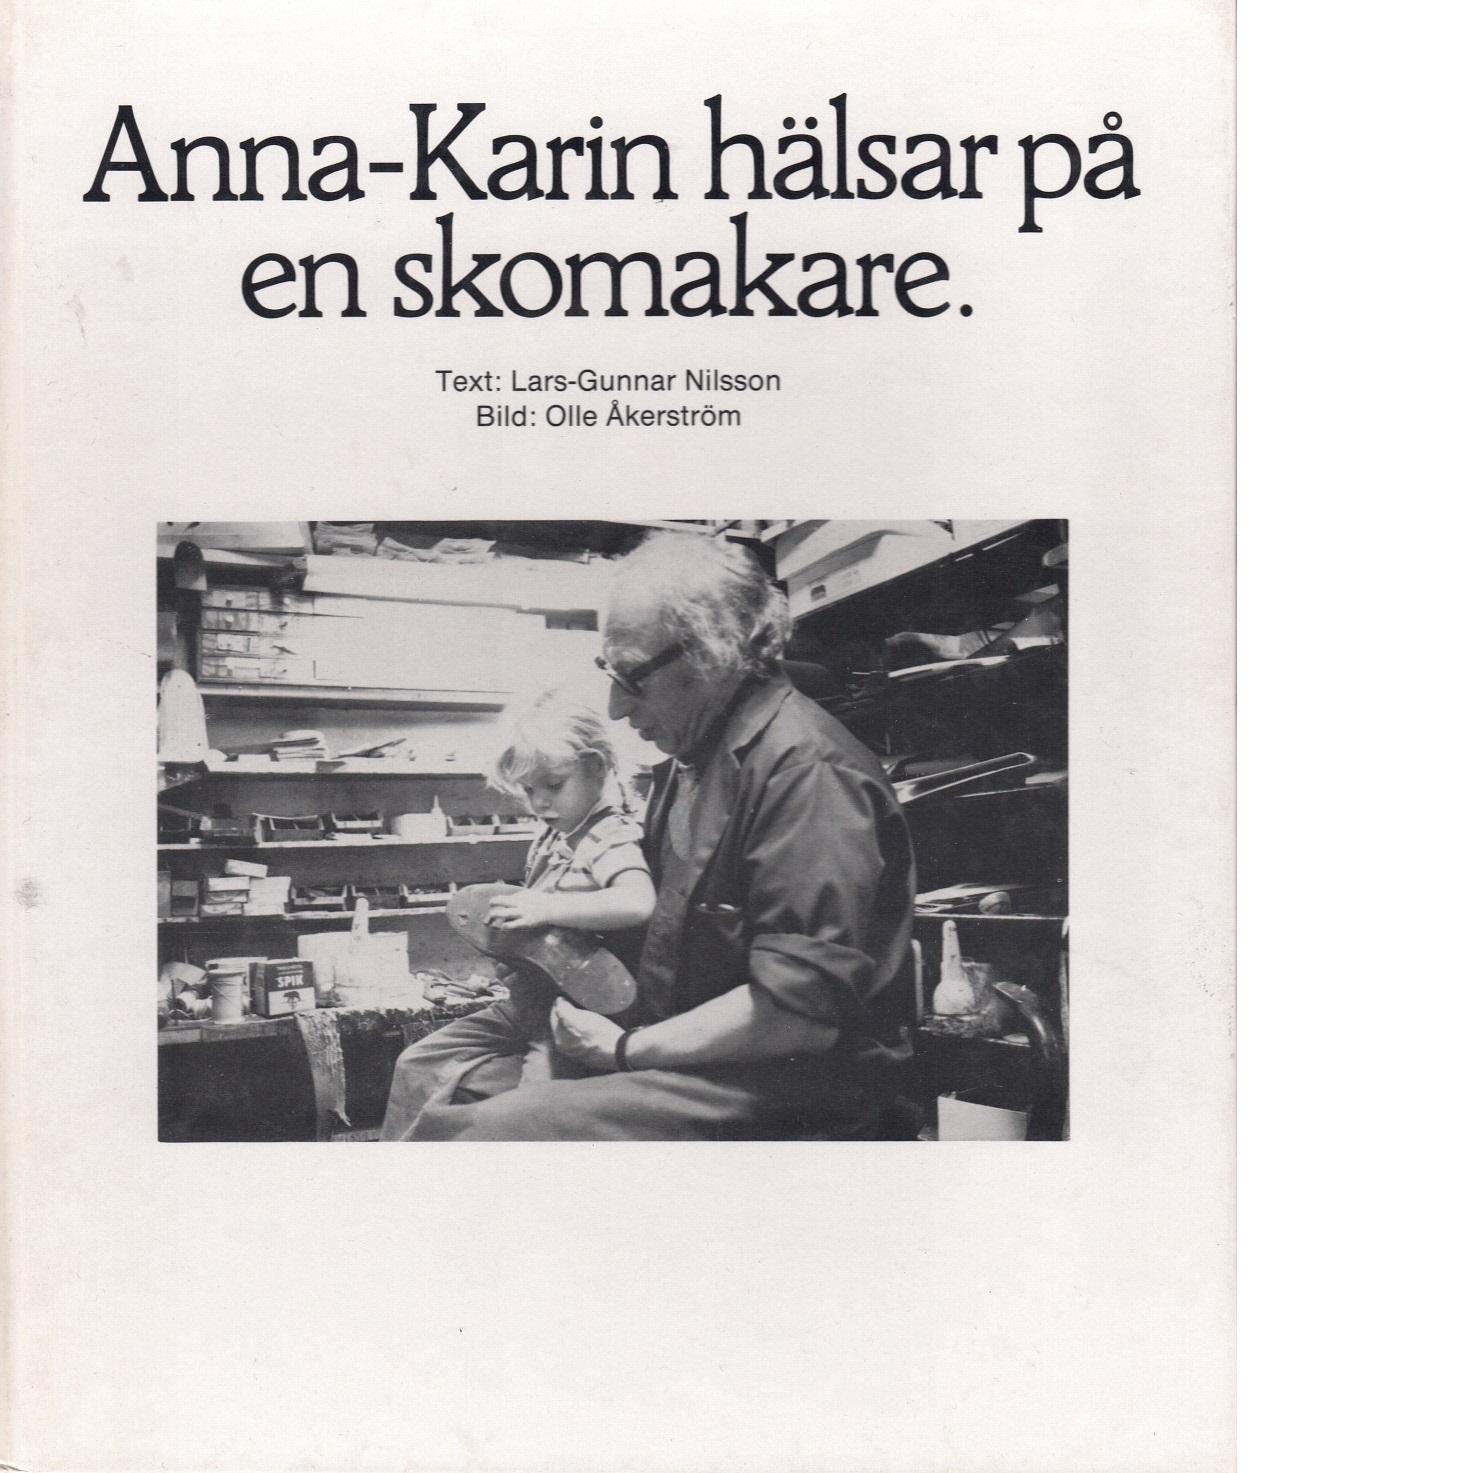 Anna-Karin hälsar på en skomakare - Nilsson, Lars-Gunnar och Åkerström, Olle